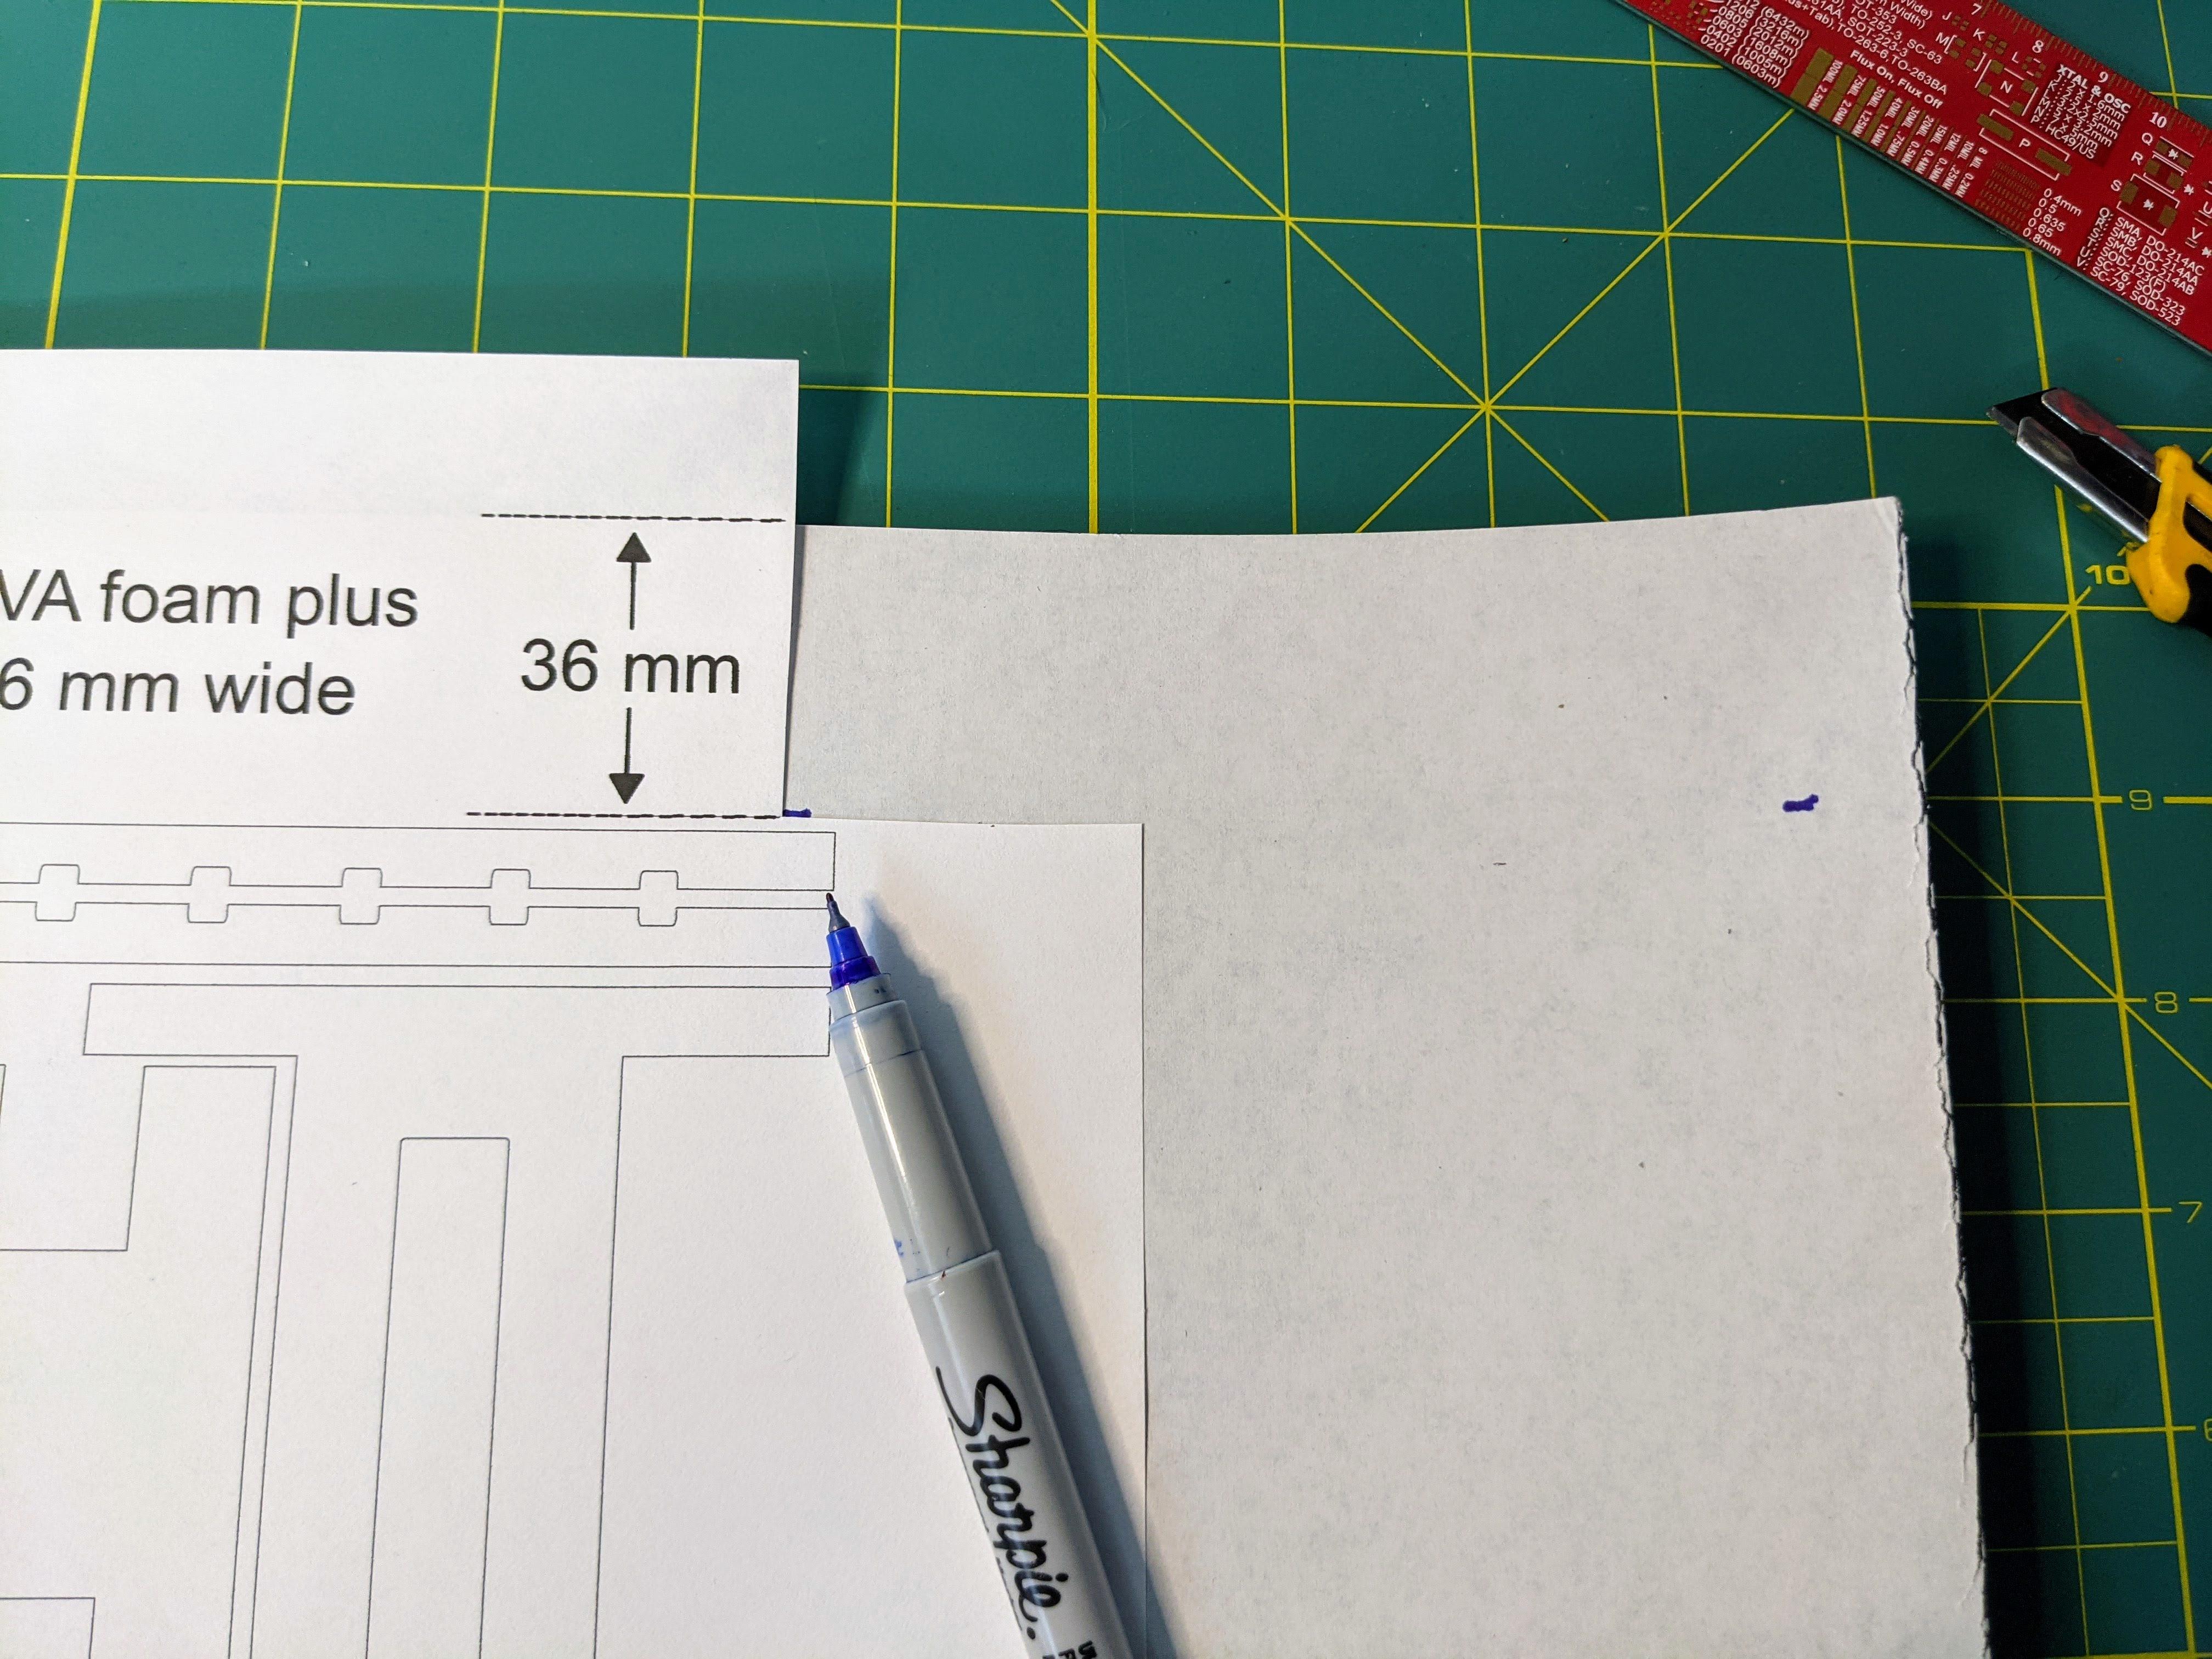 led_strips_PXL_20210124_223852492.jpg